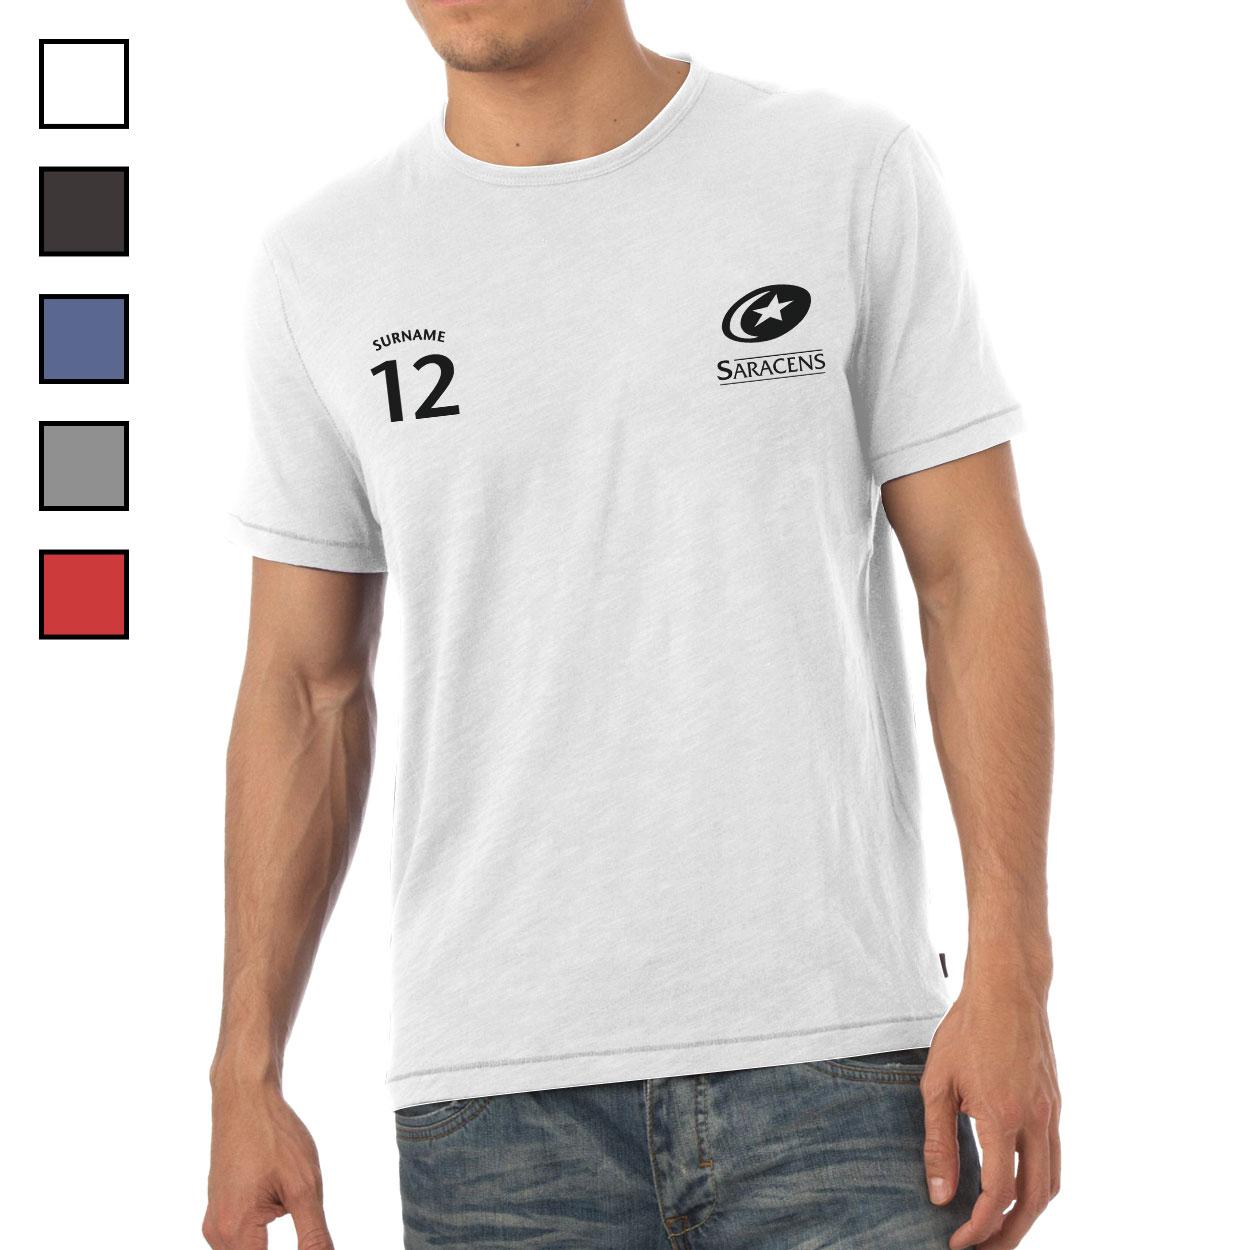 Saracens Mens Sports T-Shirt